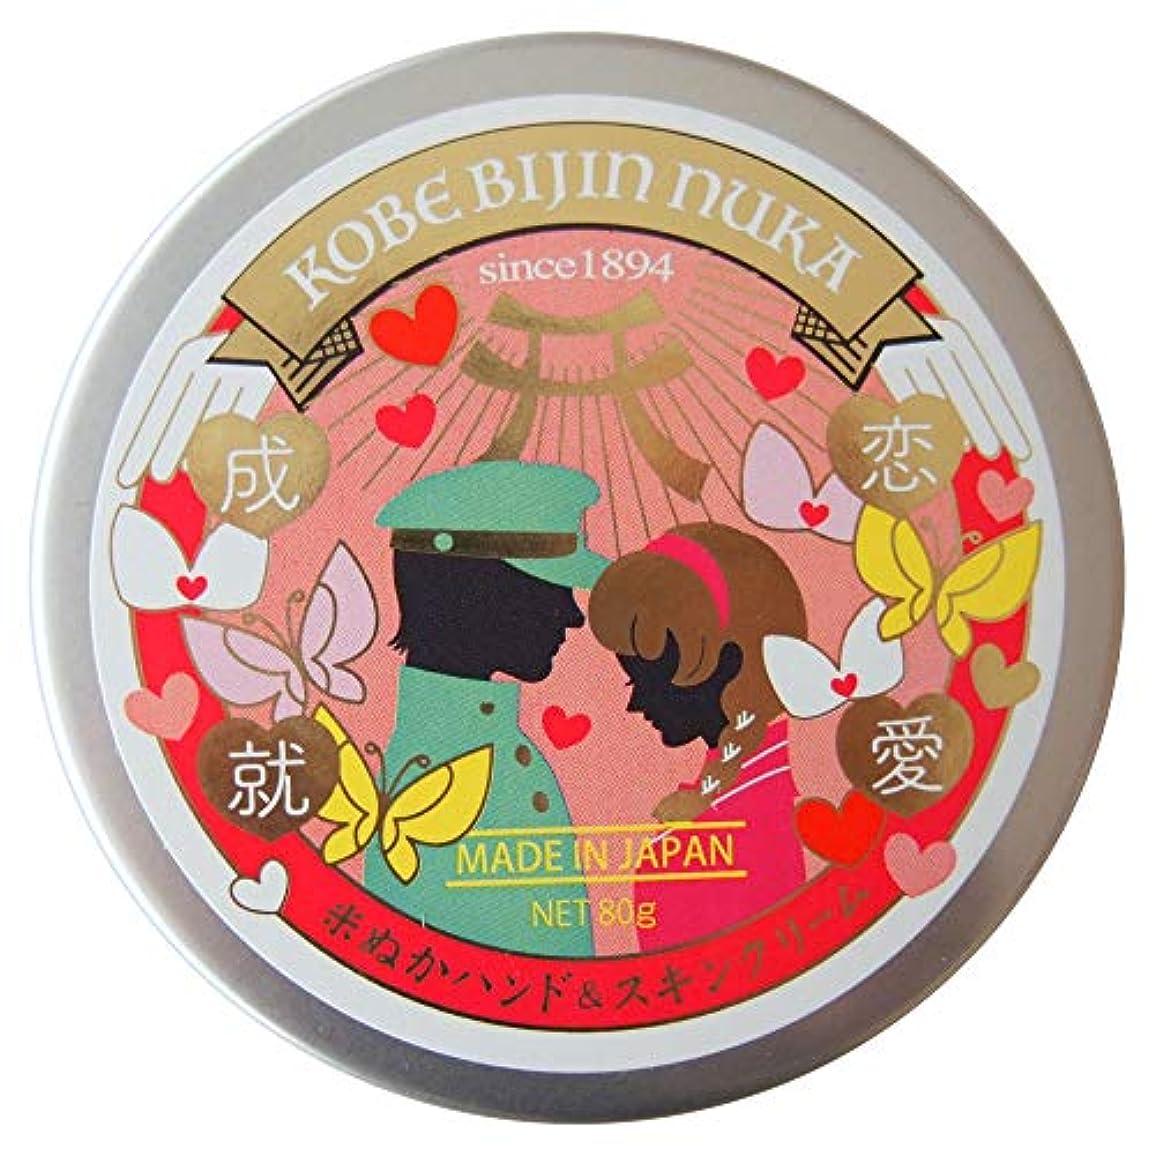 チャーターりんご研磨神戸美人ぬか 米ぬかハンド&スキンクリーム(恋愛成就)【キュートフローラルの香り】 80g